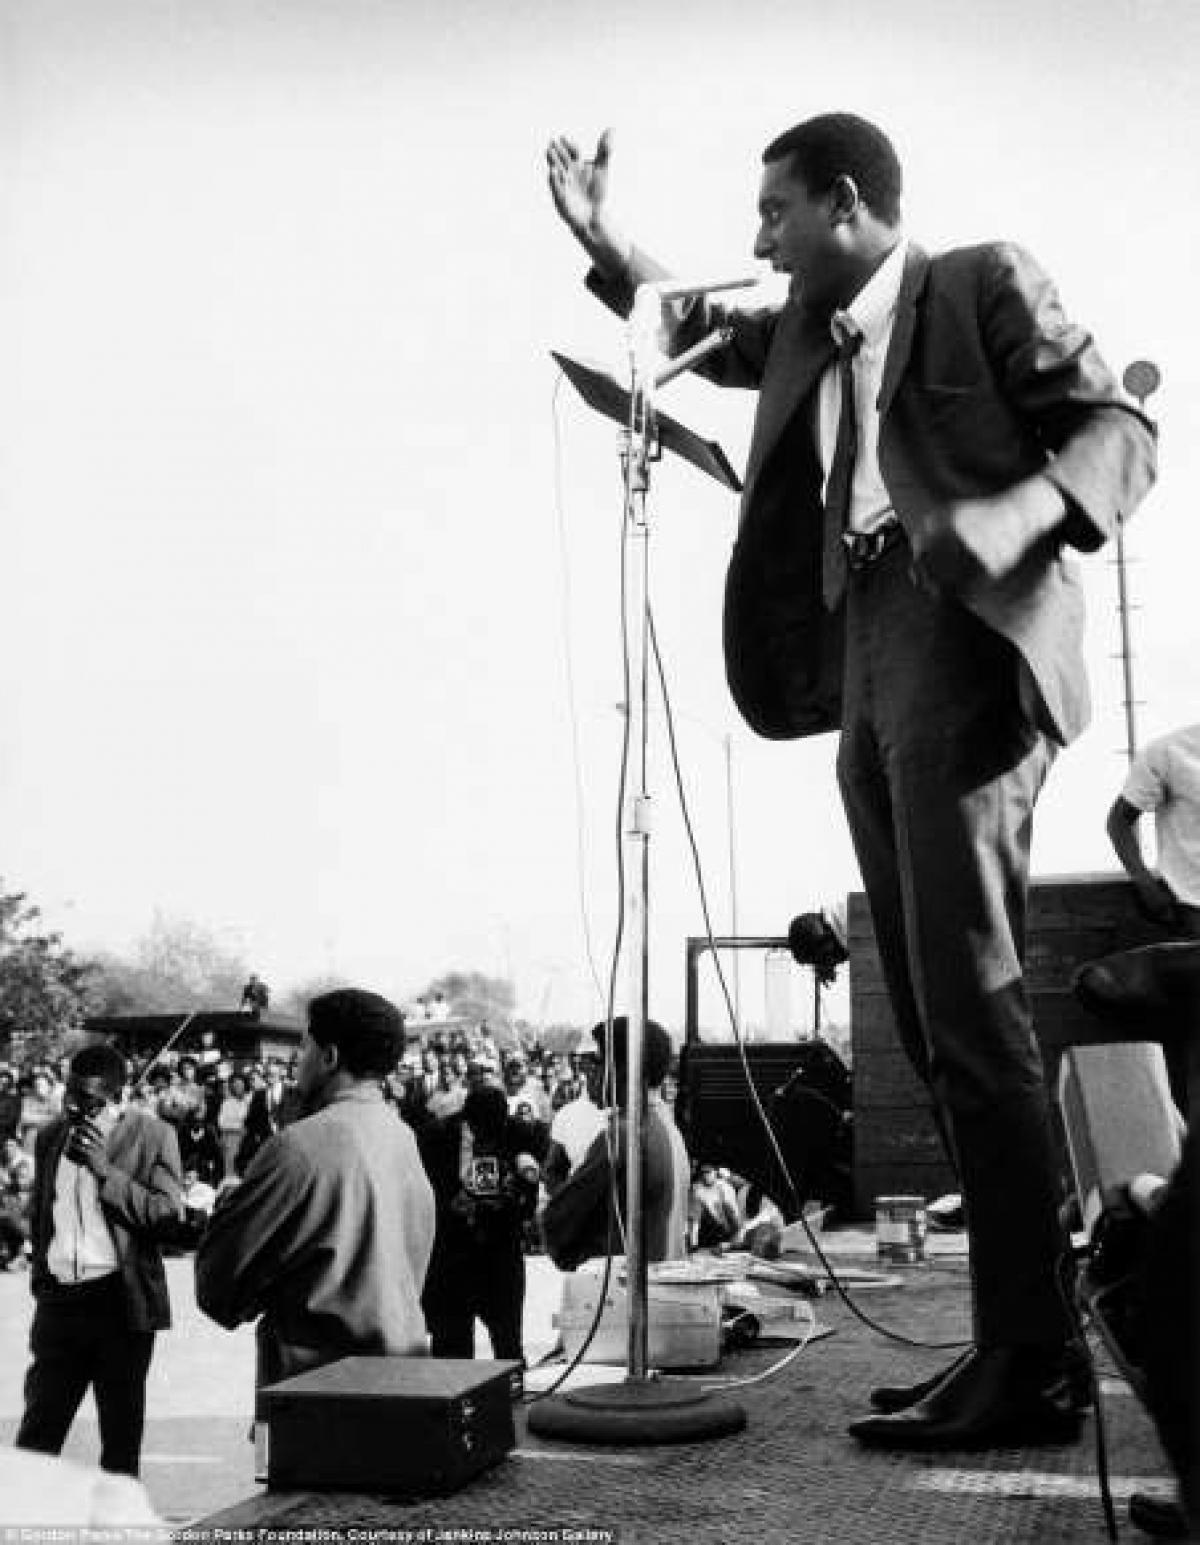 Trong bức ảnh là Stokely Carmichael, một nhà hoạt động trong phong trào dân quyền, có bài phát biểu trước một đám đông ở Watts, bang California (Mỹ) vào năm 1967.